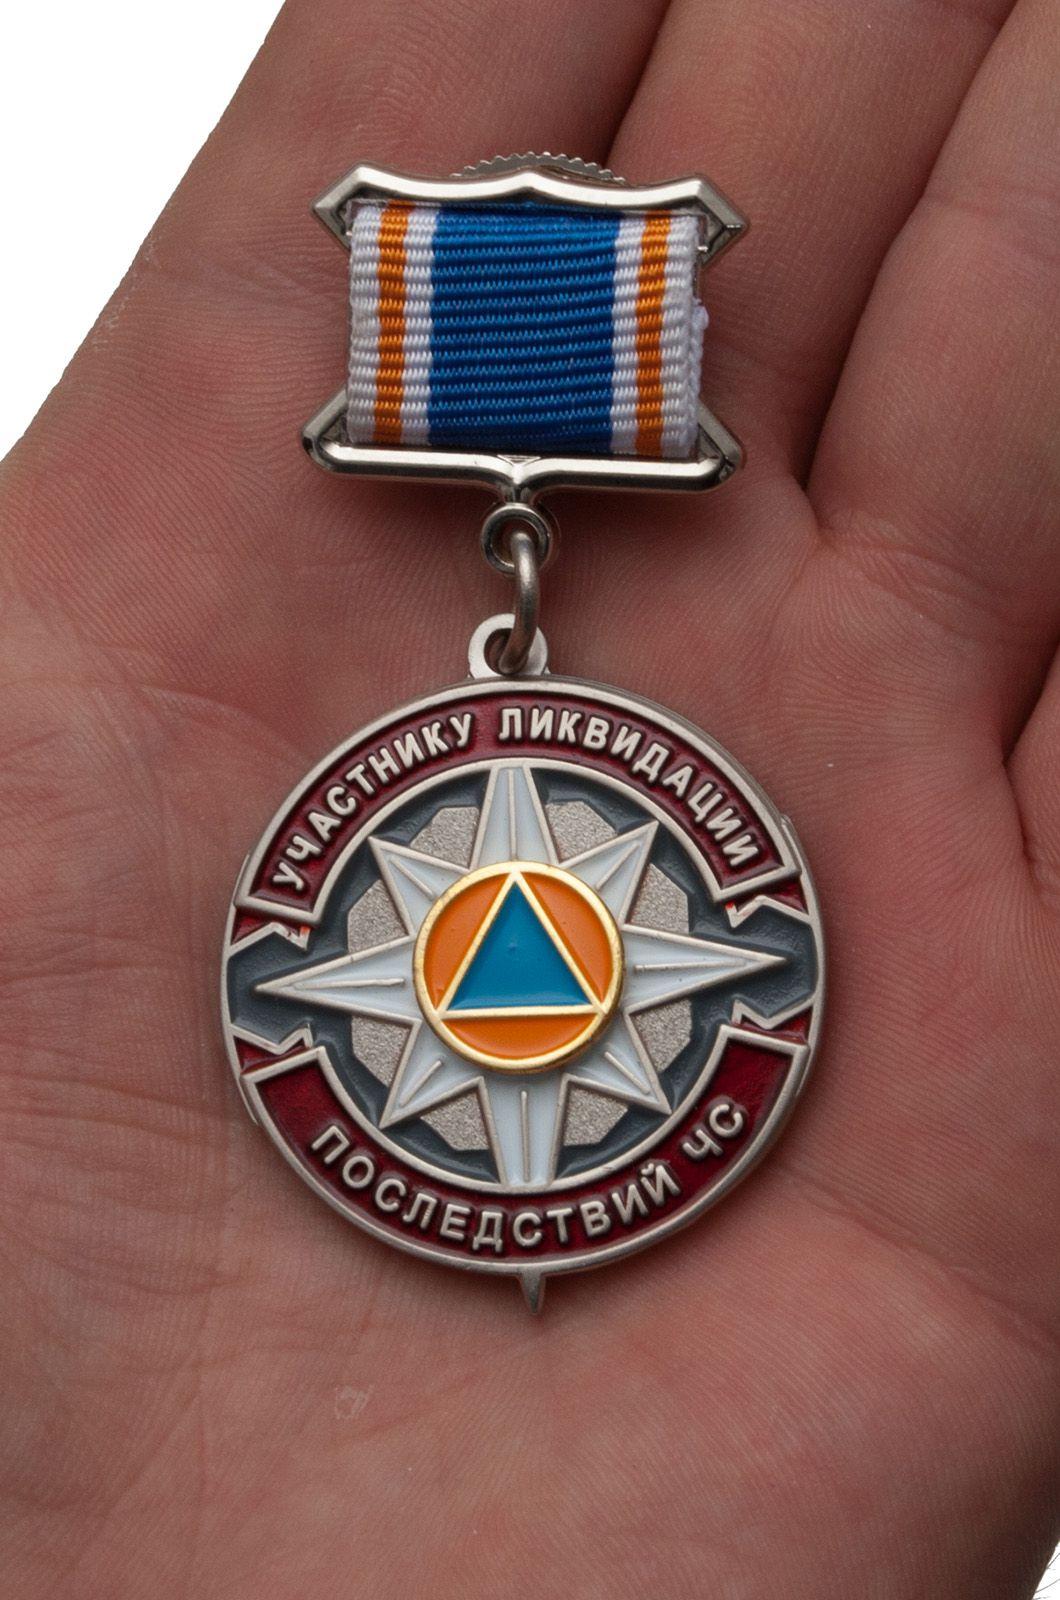 Латунный знак Участнику ликвидации последствий ЧС МЧС России - вид на ладони